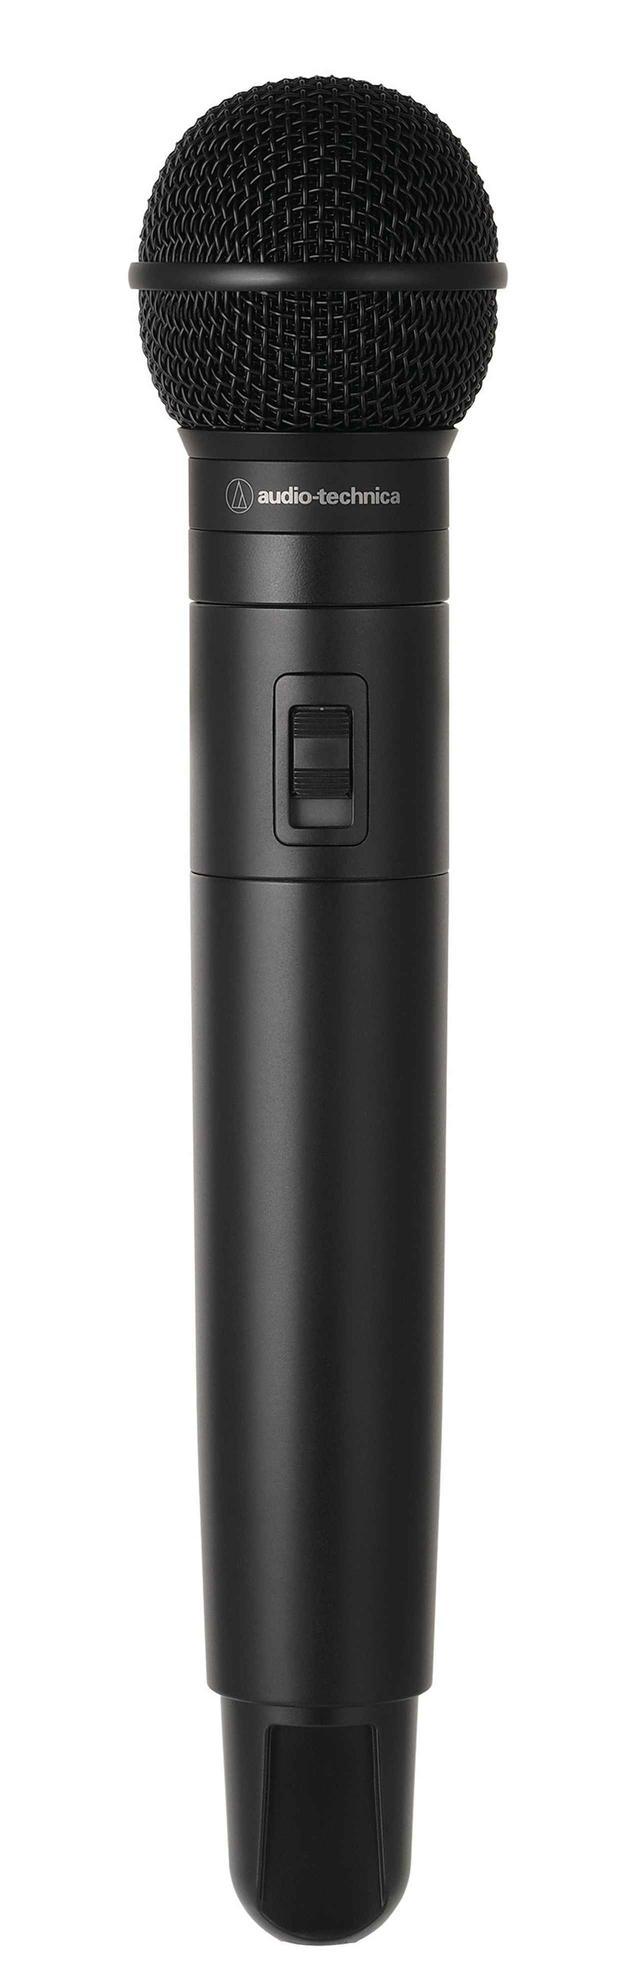 画像: ハンドヘルド型トランスミッター「ATW-DT3102/SHH1」。音量を-10~20dBまで2dBステップで変更可能。また、内部には多機能なマルチファンクションボタンを備える